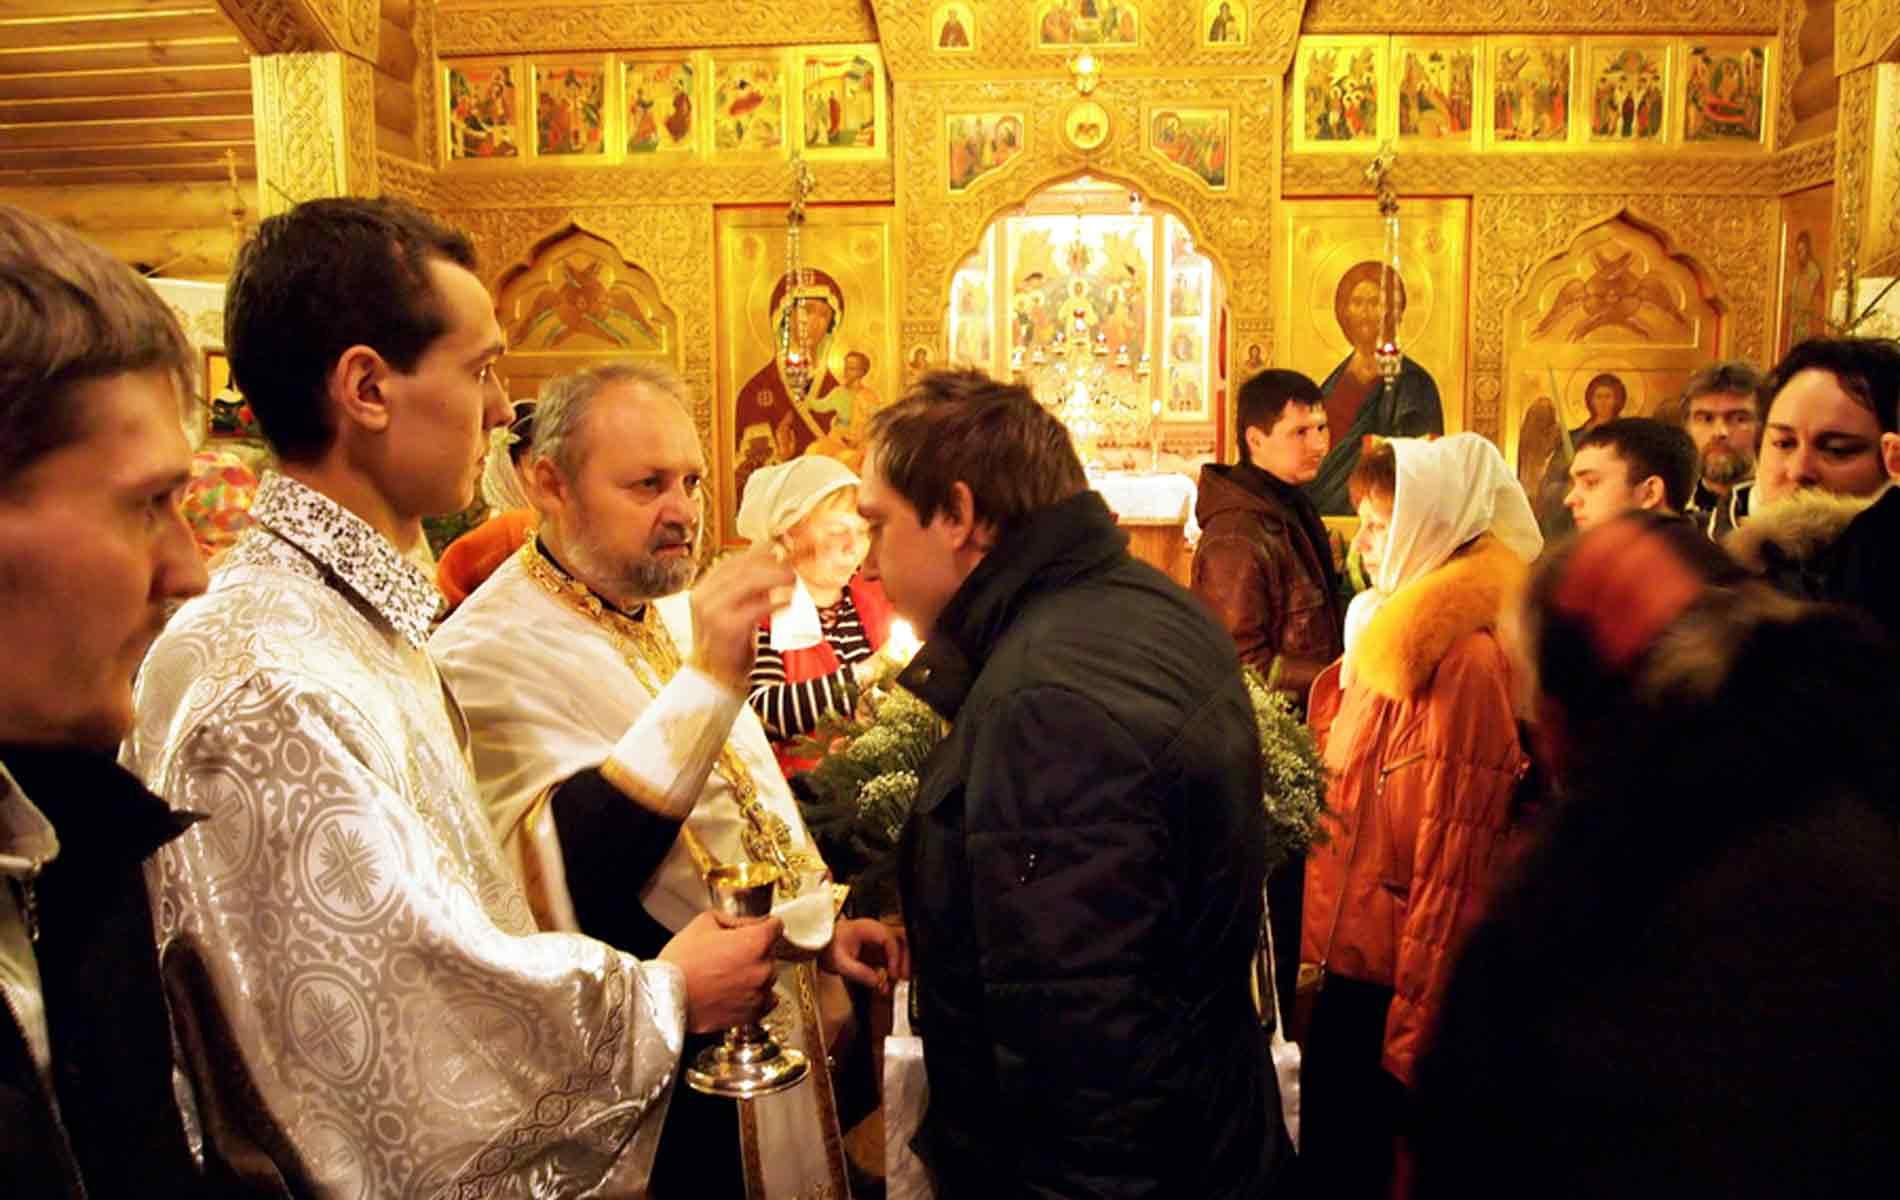 Toxicodependentes na região de Sapernoe São Petersburgo